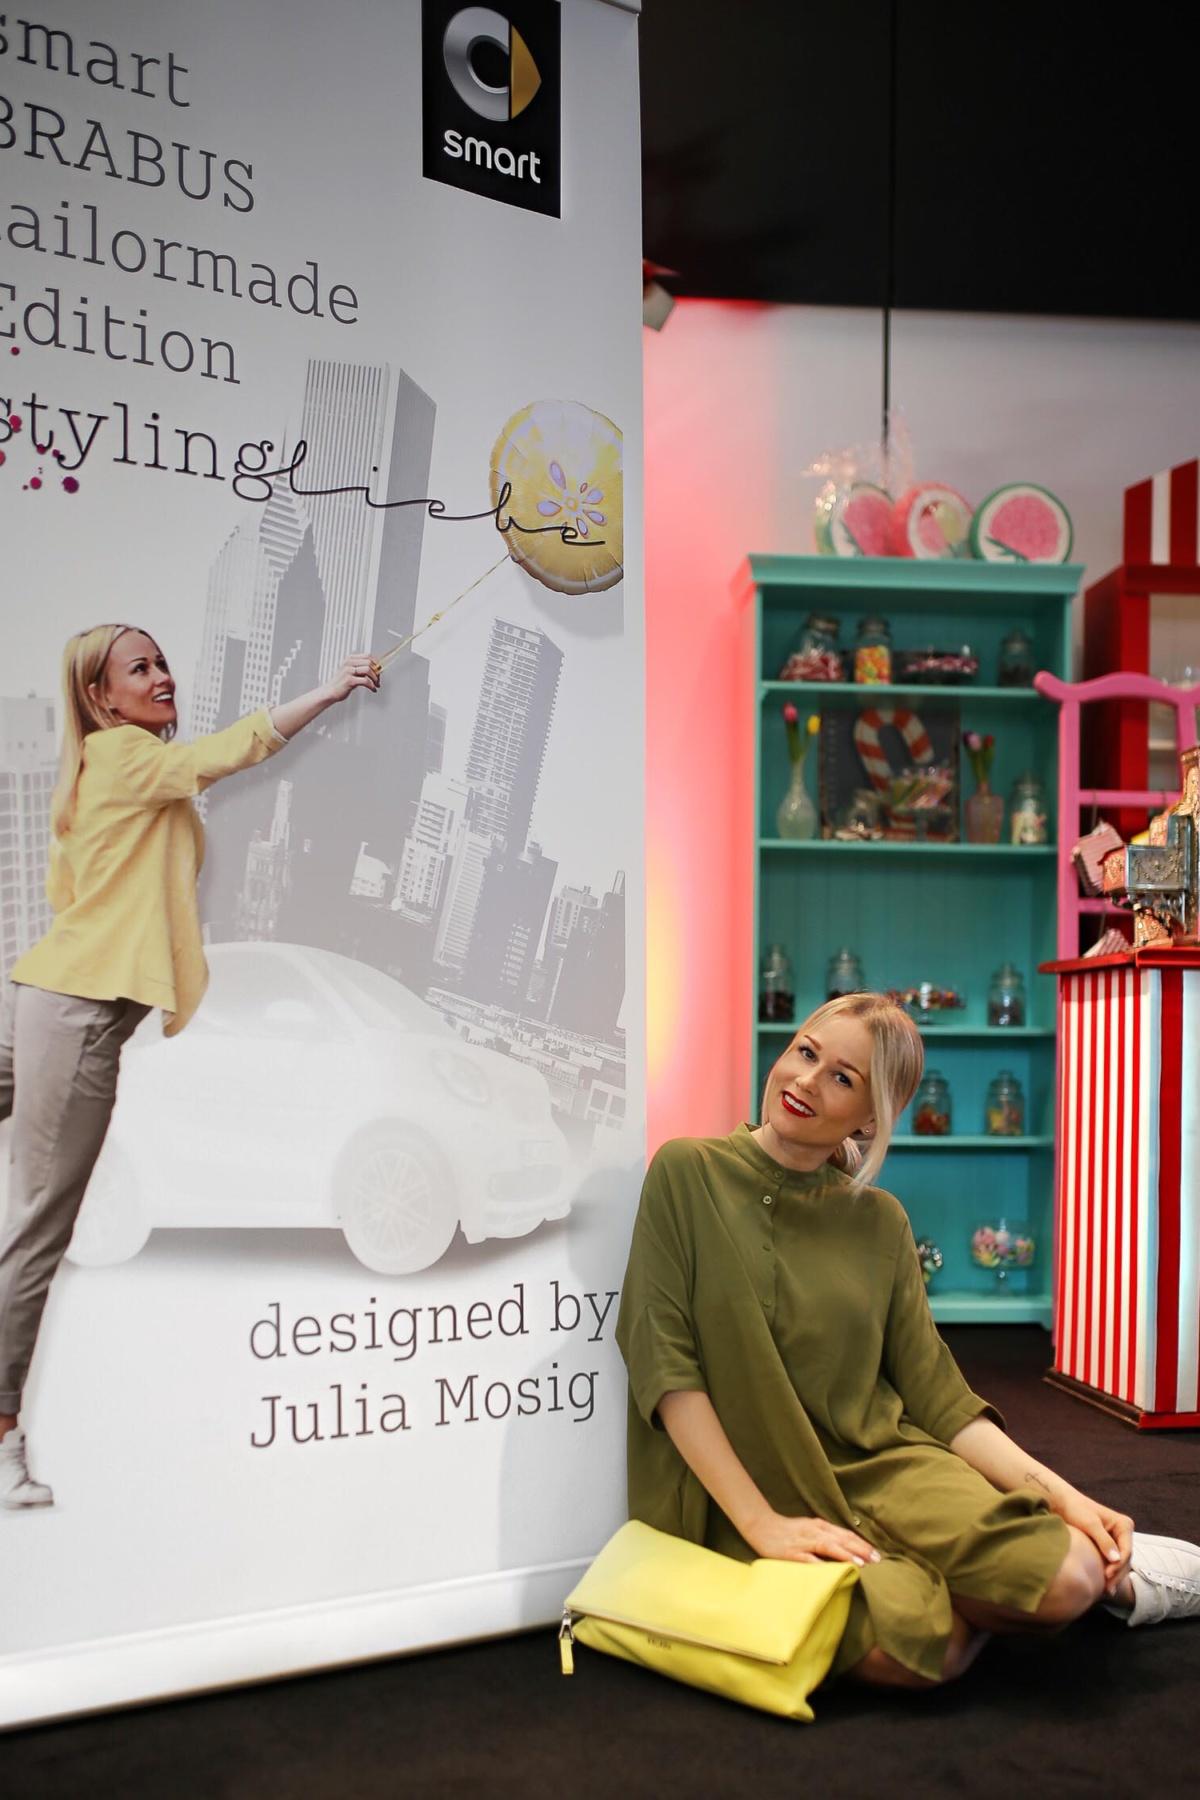 stylingliebe-fashionblog-muenchen-styleblog-munich-blogger-deutschland-fashionblogger-bloggerdeutschland-lifestyleblog-modeblog-germanblogger-smart-brabus-edition-stylingliebe-phase-3-1